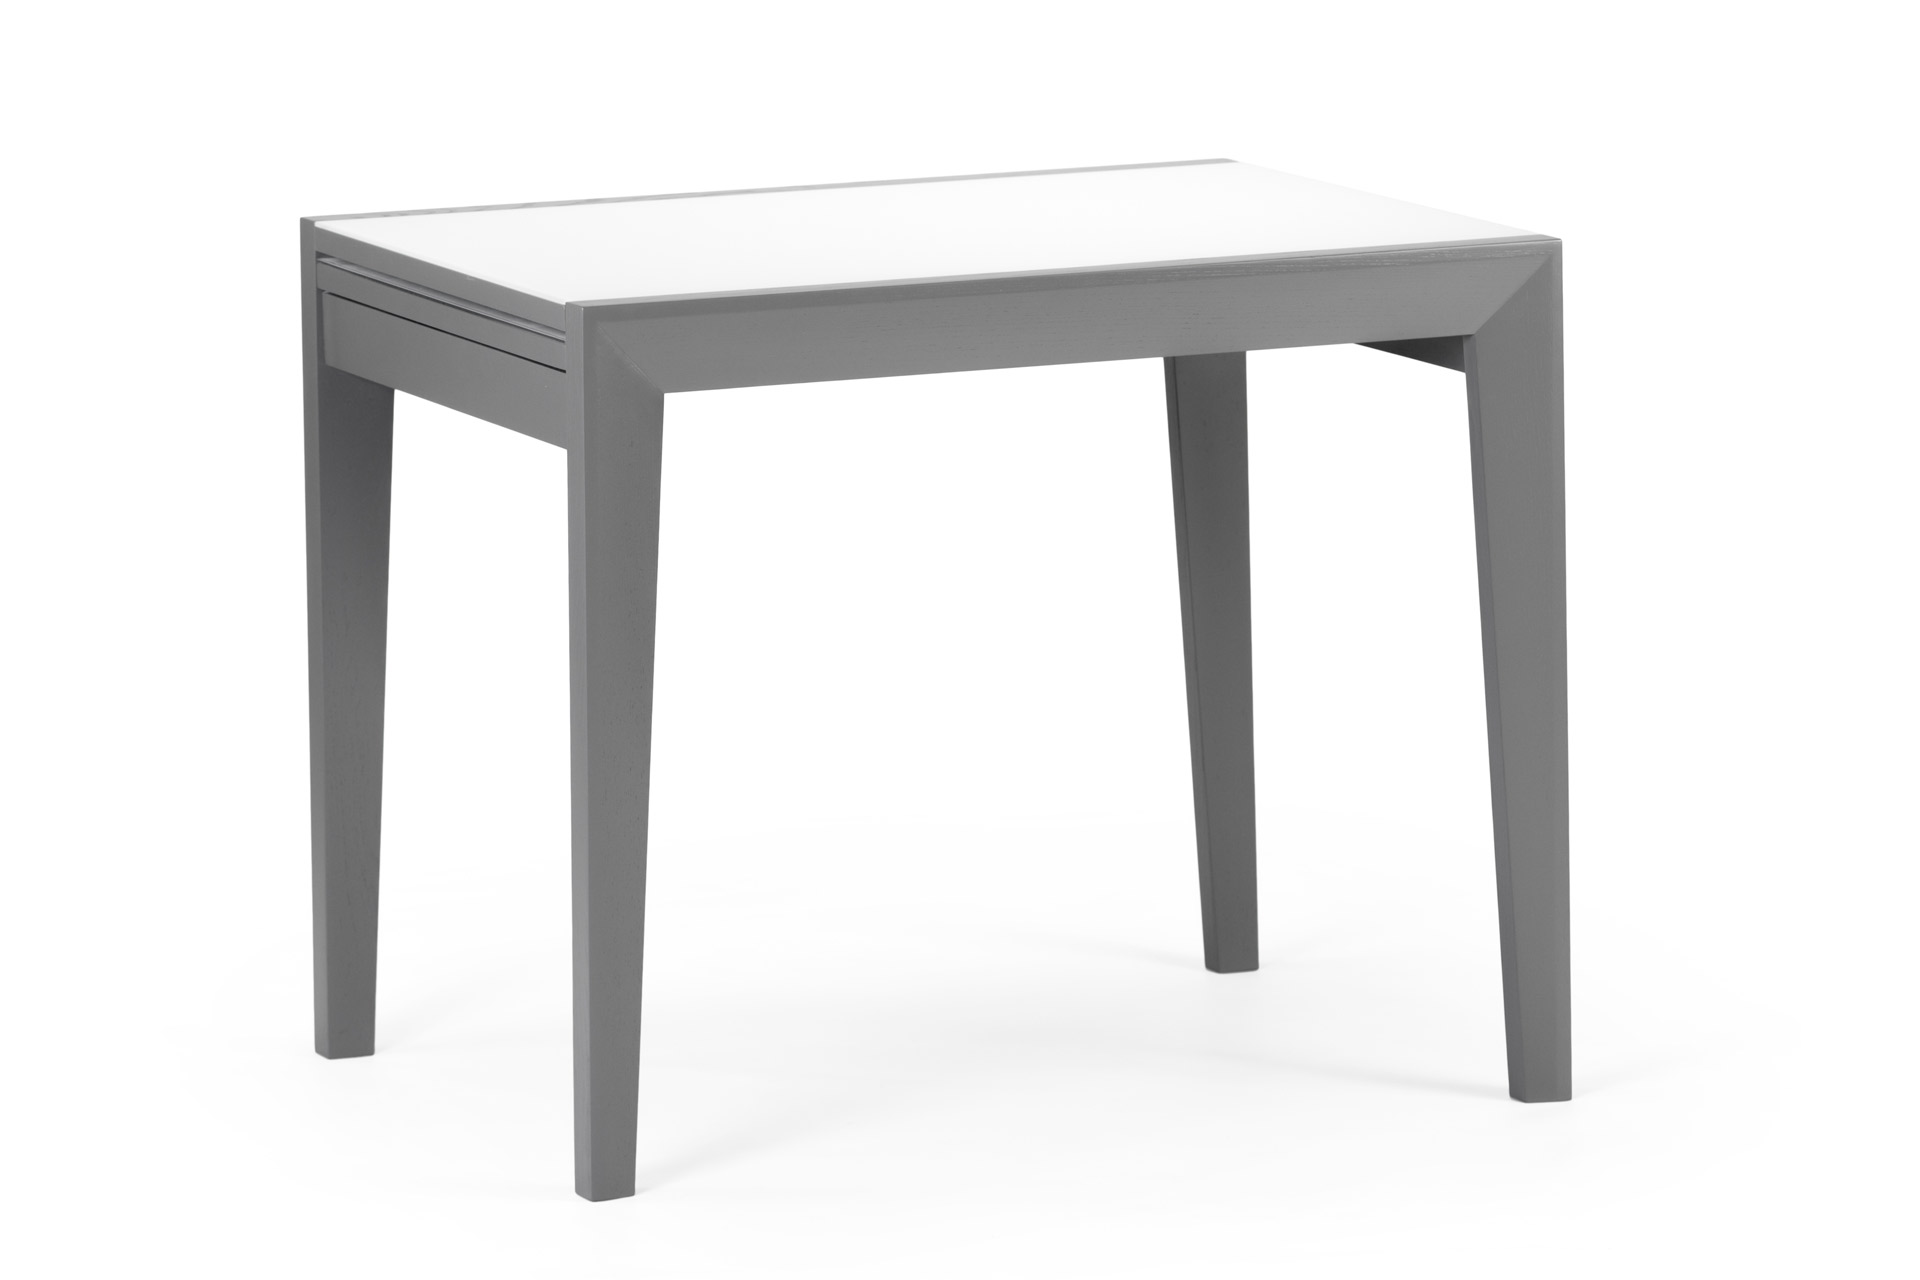 Деревянный кухонный стол Фаворит c белой стеклянной столешницей и серыми ножками, раздвижной фото 1